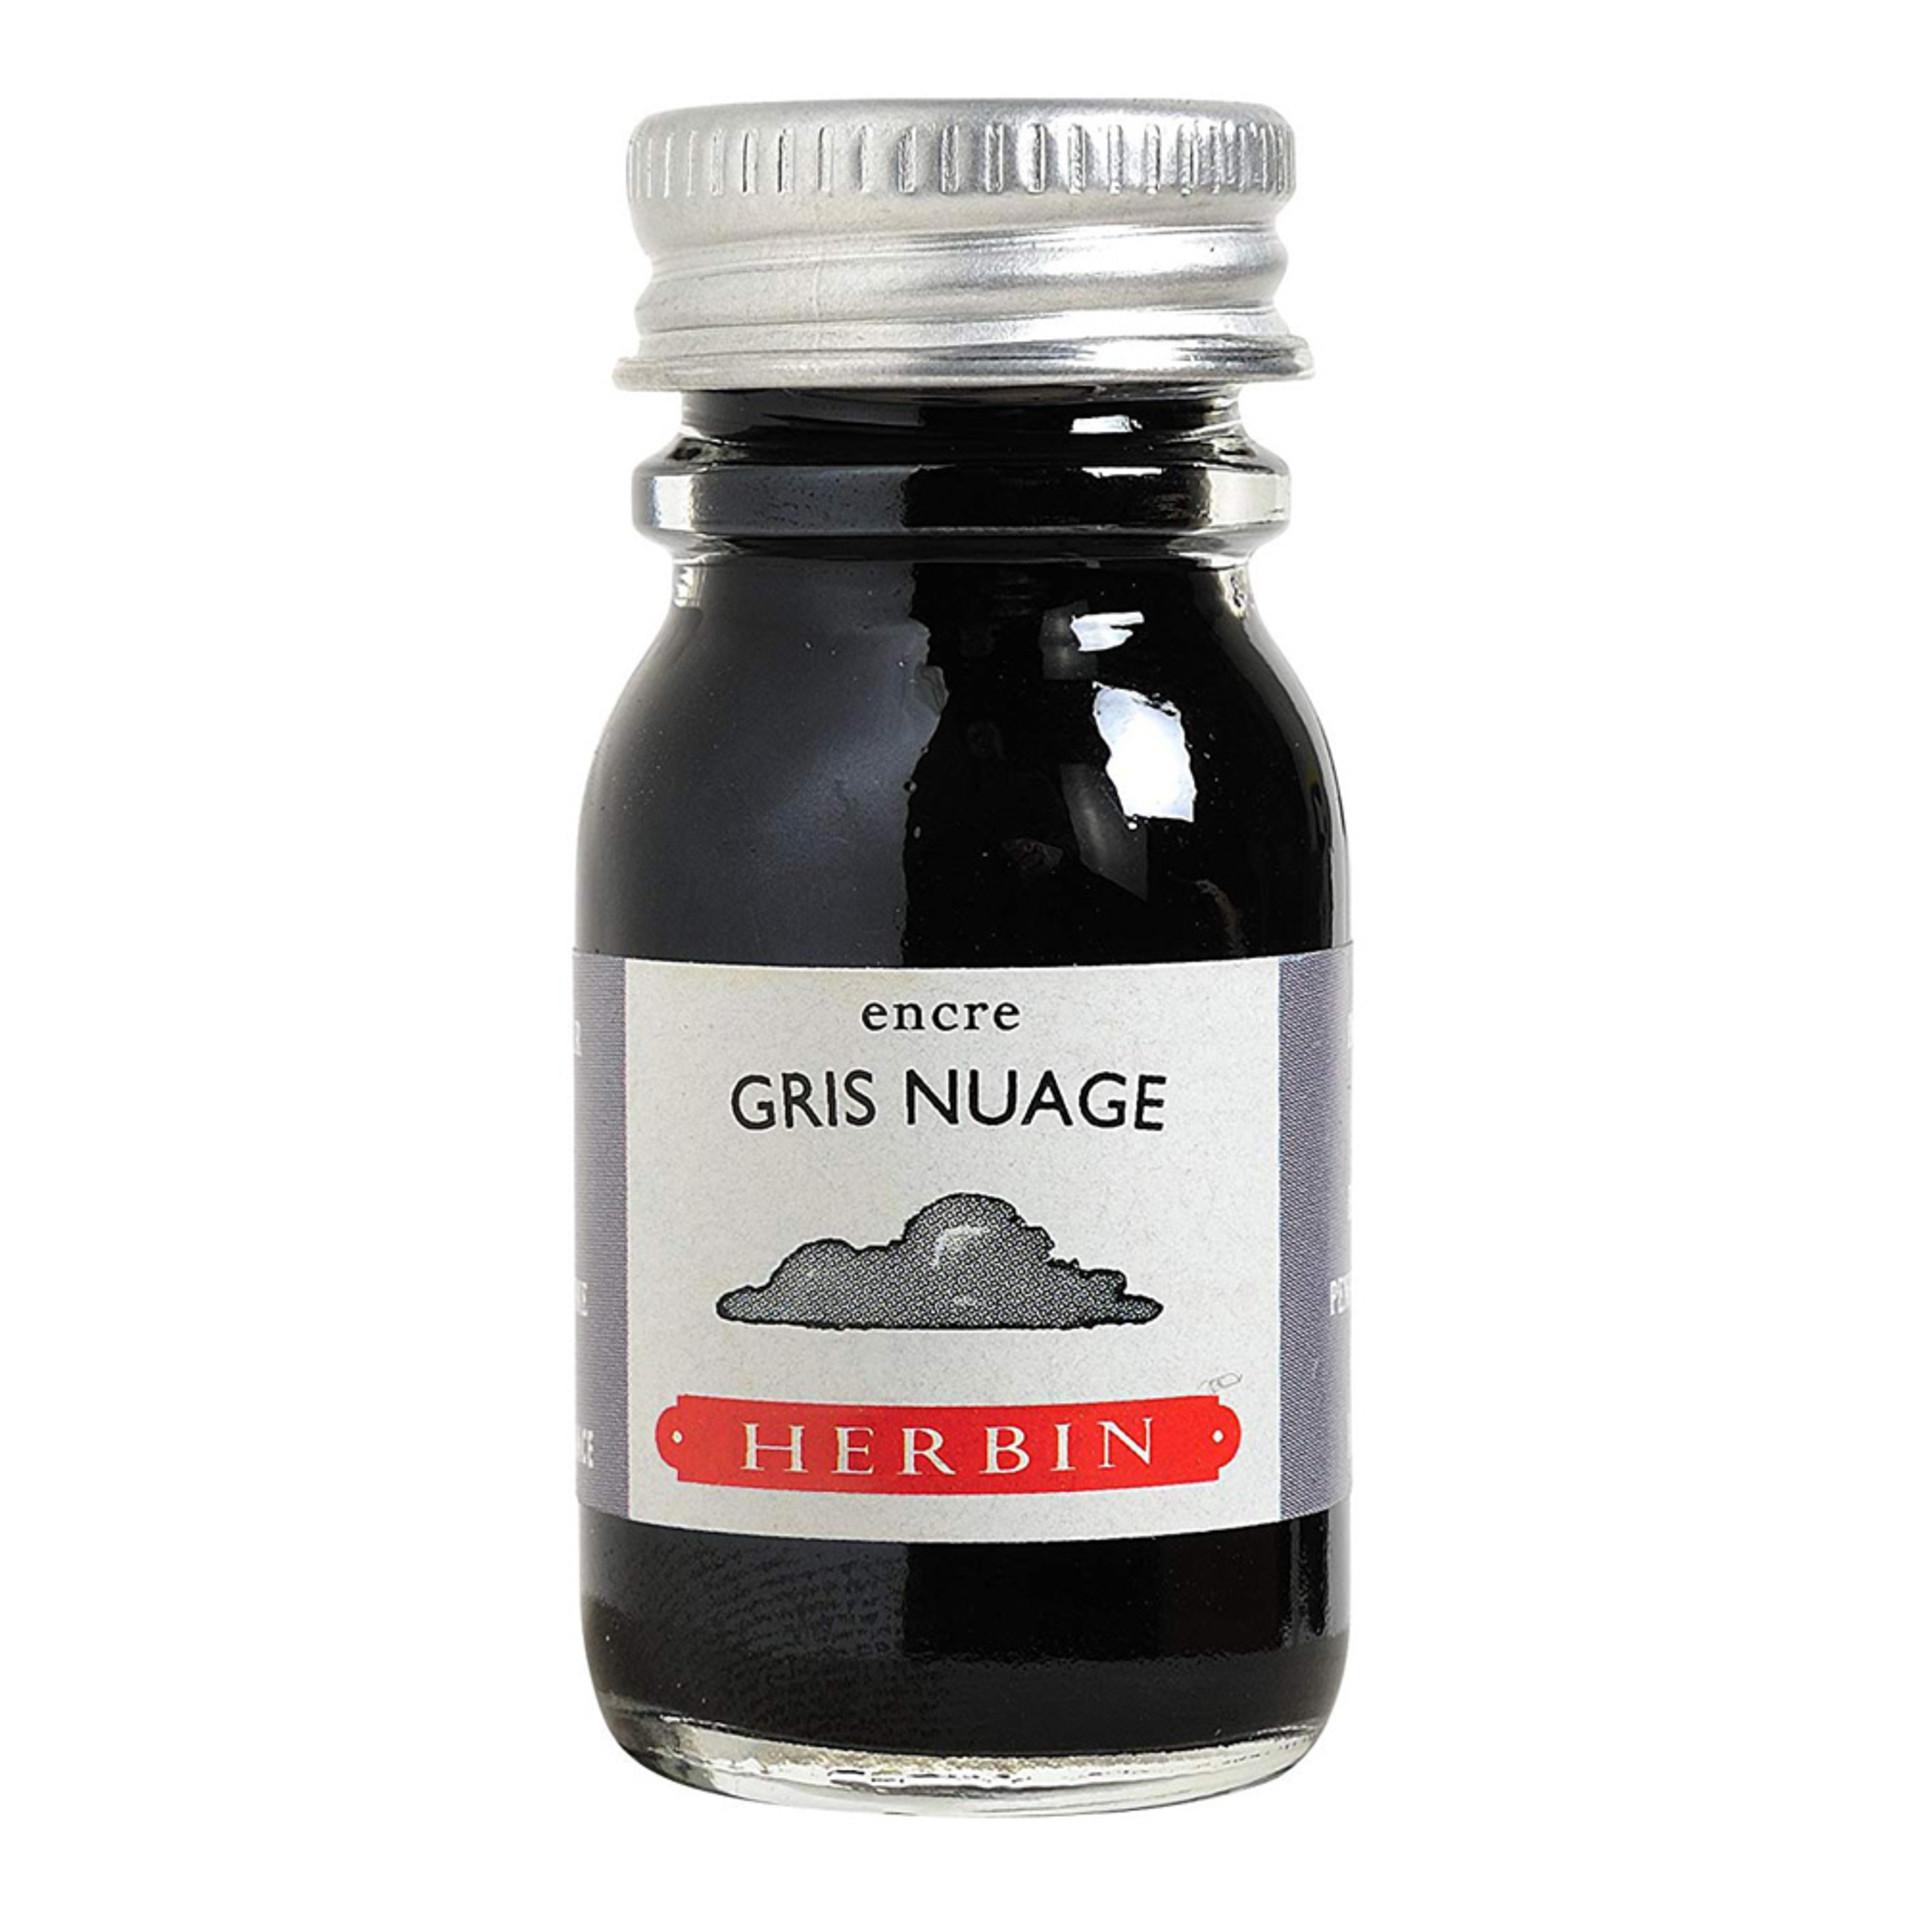 J. Herbin Gris Nuage 10ml Fountain Pen Ink Bottle